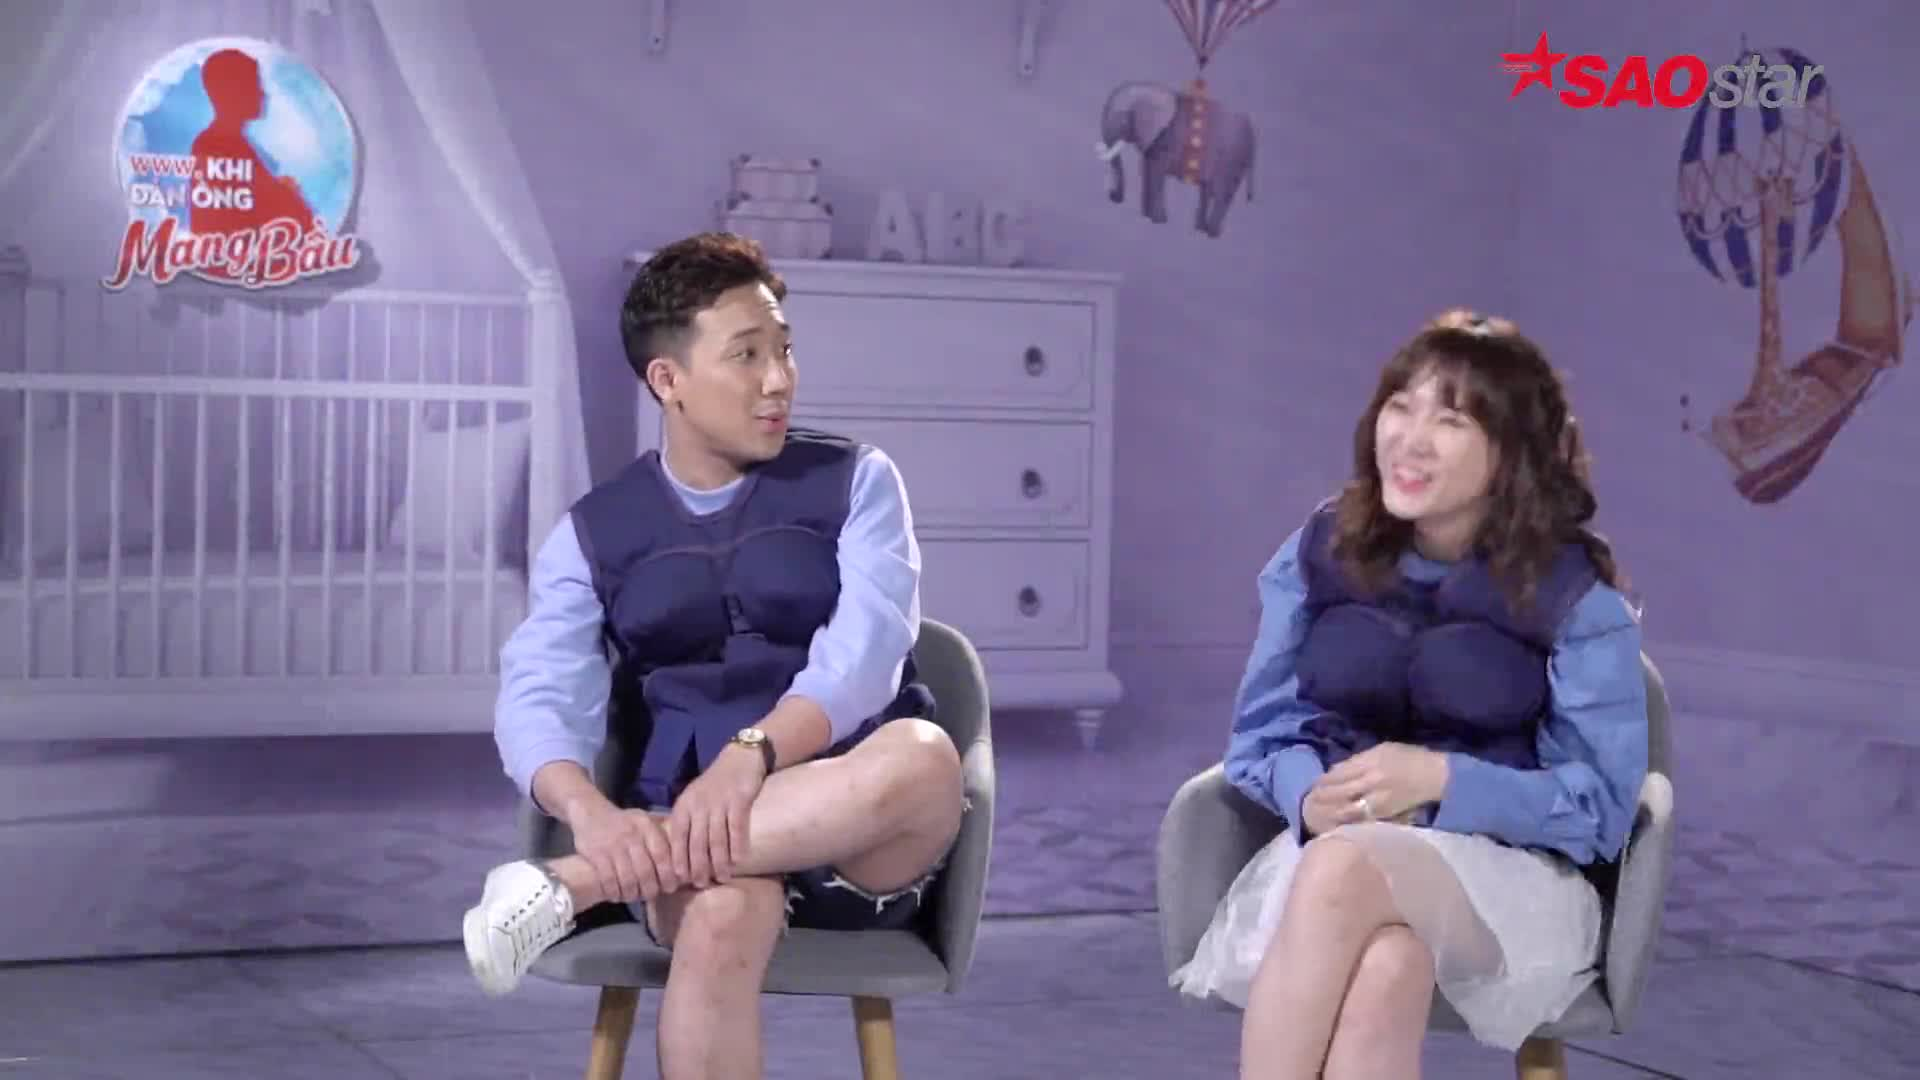 Đây là lý do Trấn Thành gọi mẹ Hari Won bằng chị, tiết lộ người duy nhất có thể chặt chém mình